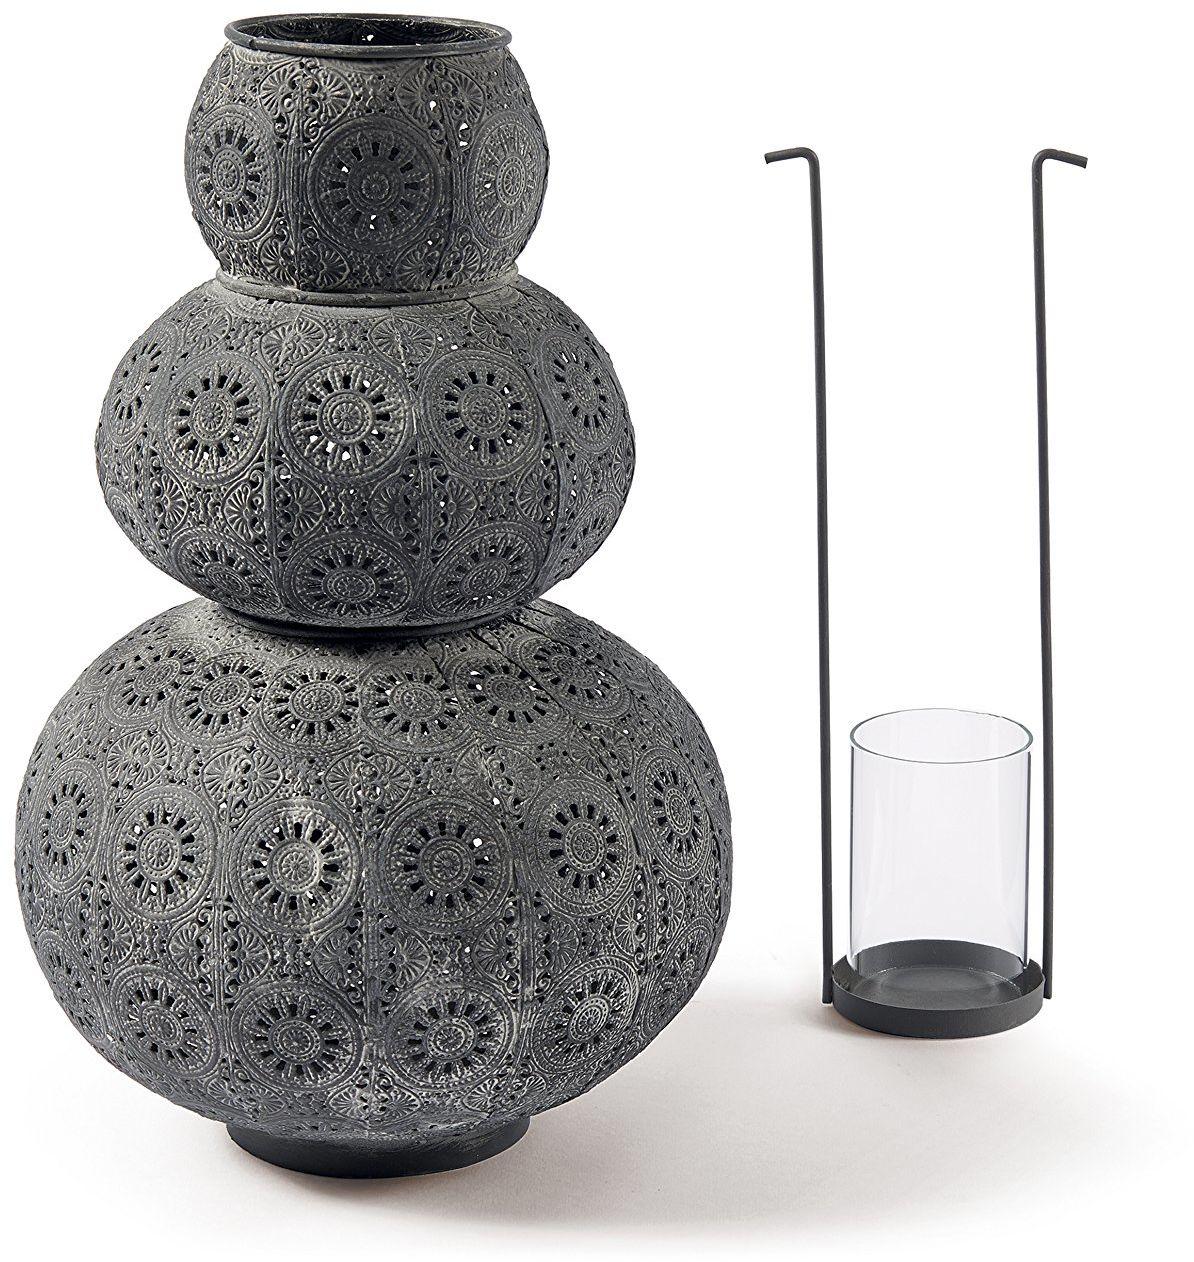 Średnica latarni Thea: 230 mm, wysokość: 345 mm, grafit, metal